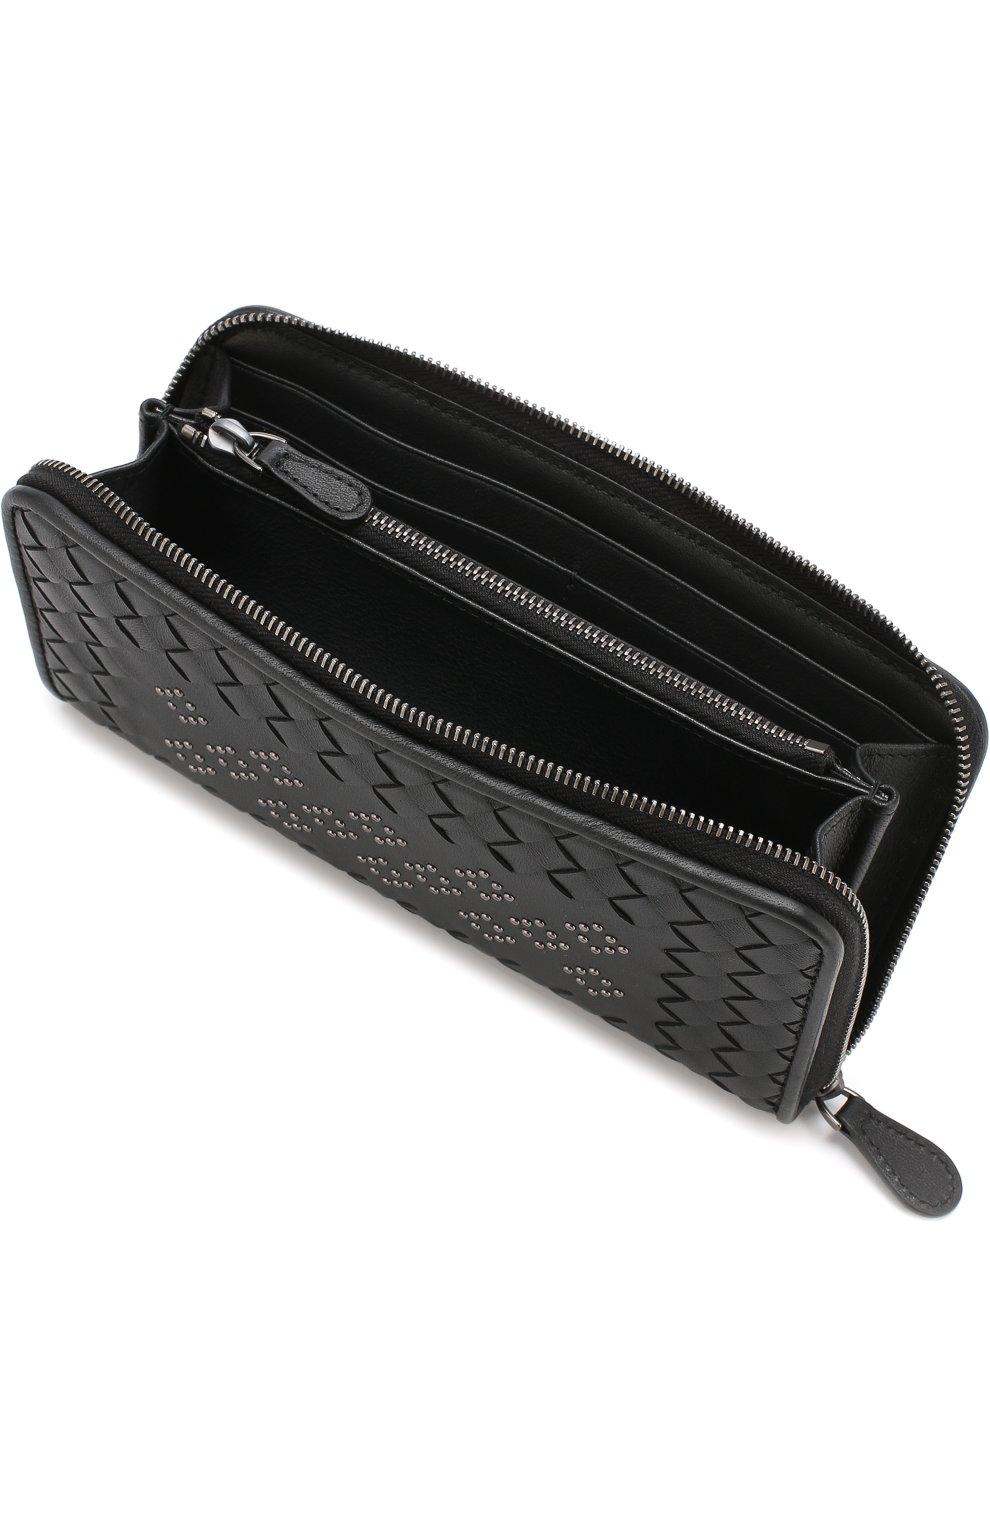 Кожаный кошелек на молнии с плетением intrecciato Bottega Veneta черного цвета | Фото №3